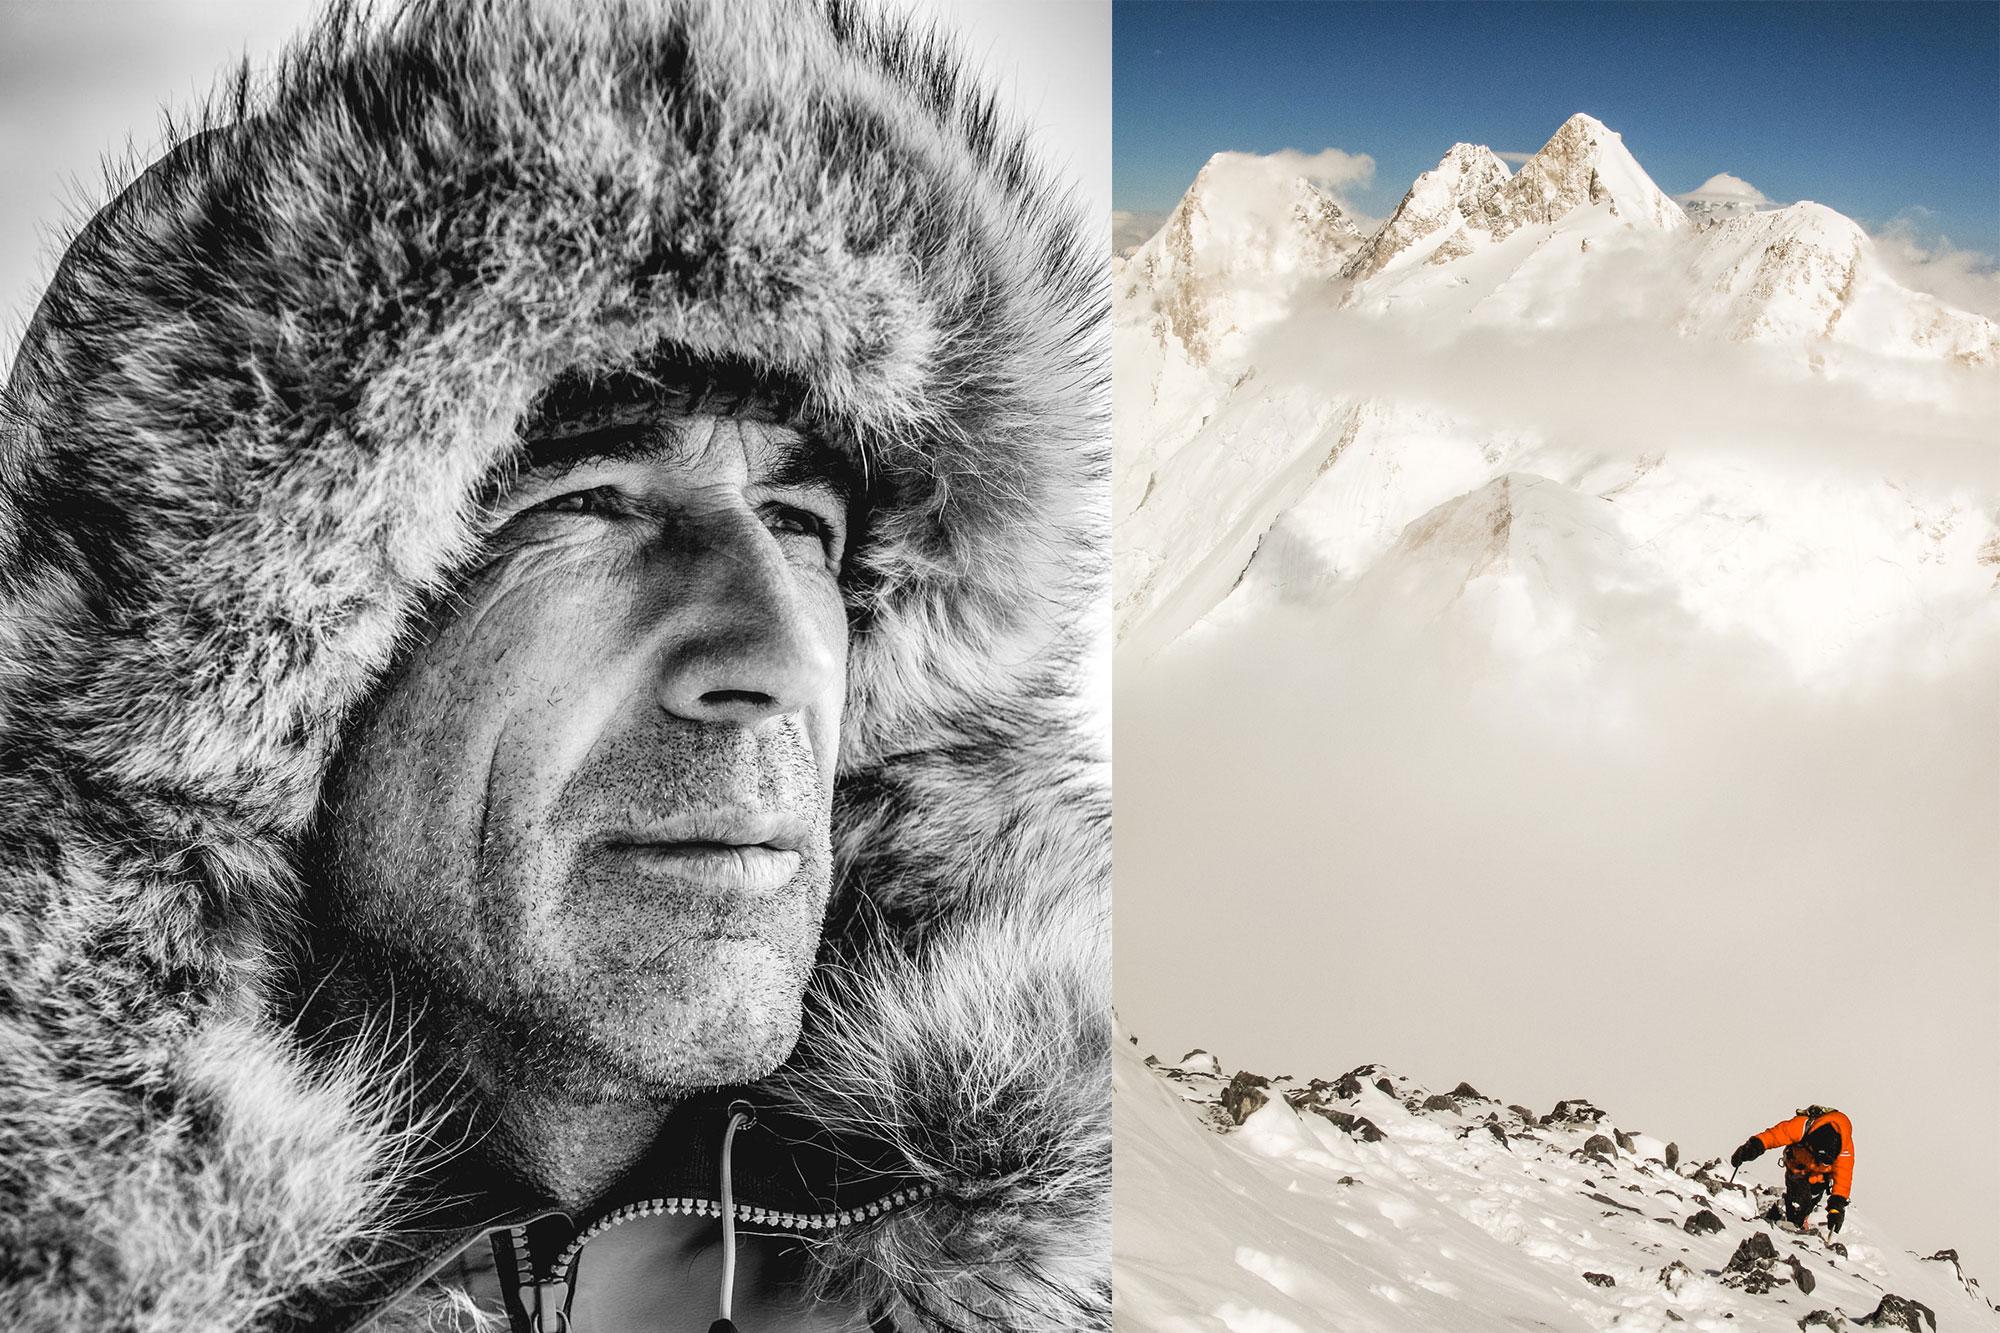 Mike Horn - Portrait - ©DmitrySharomov